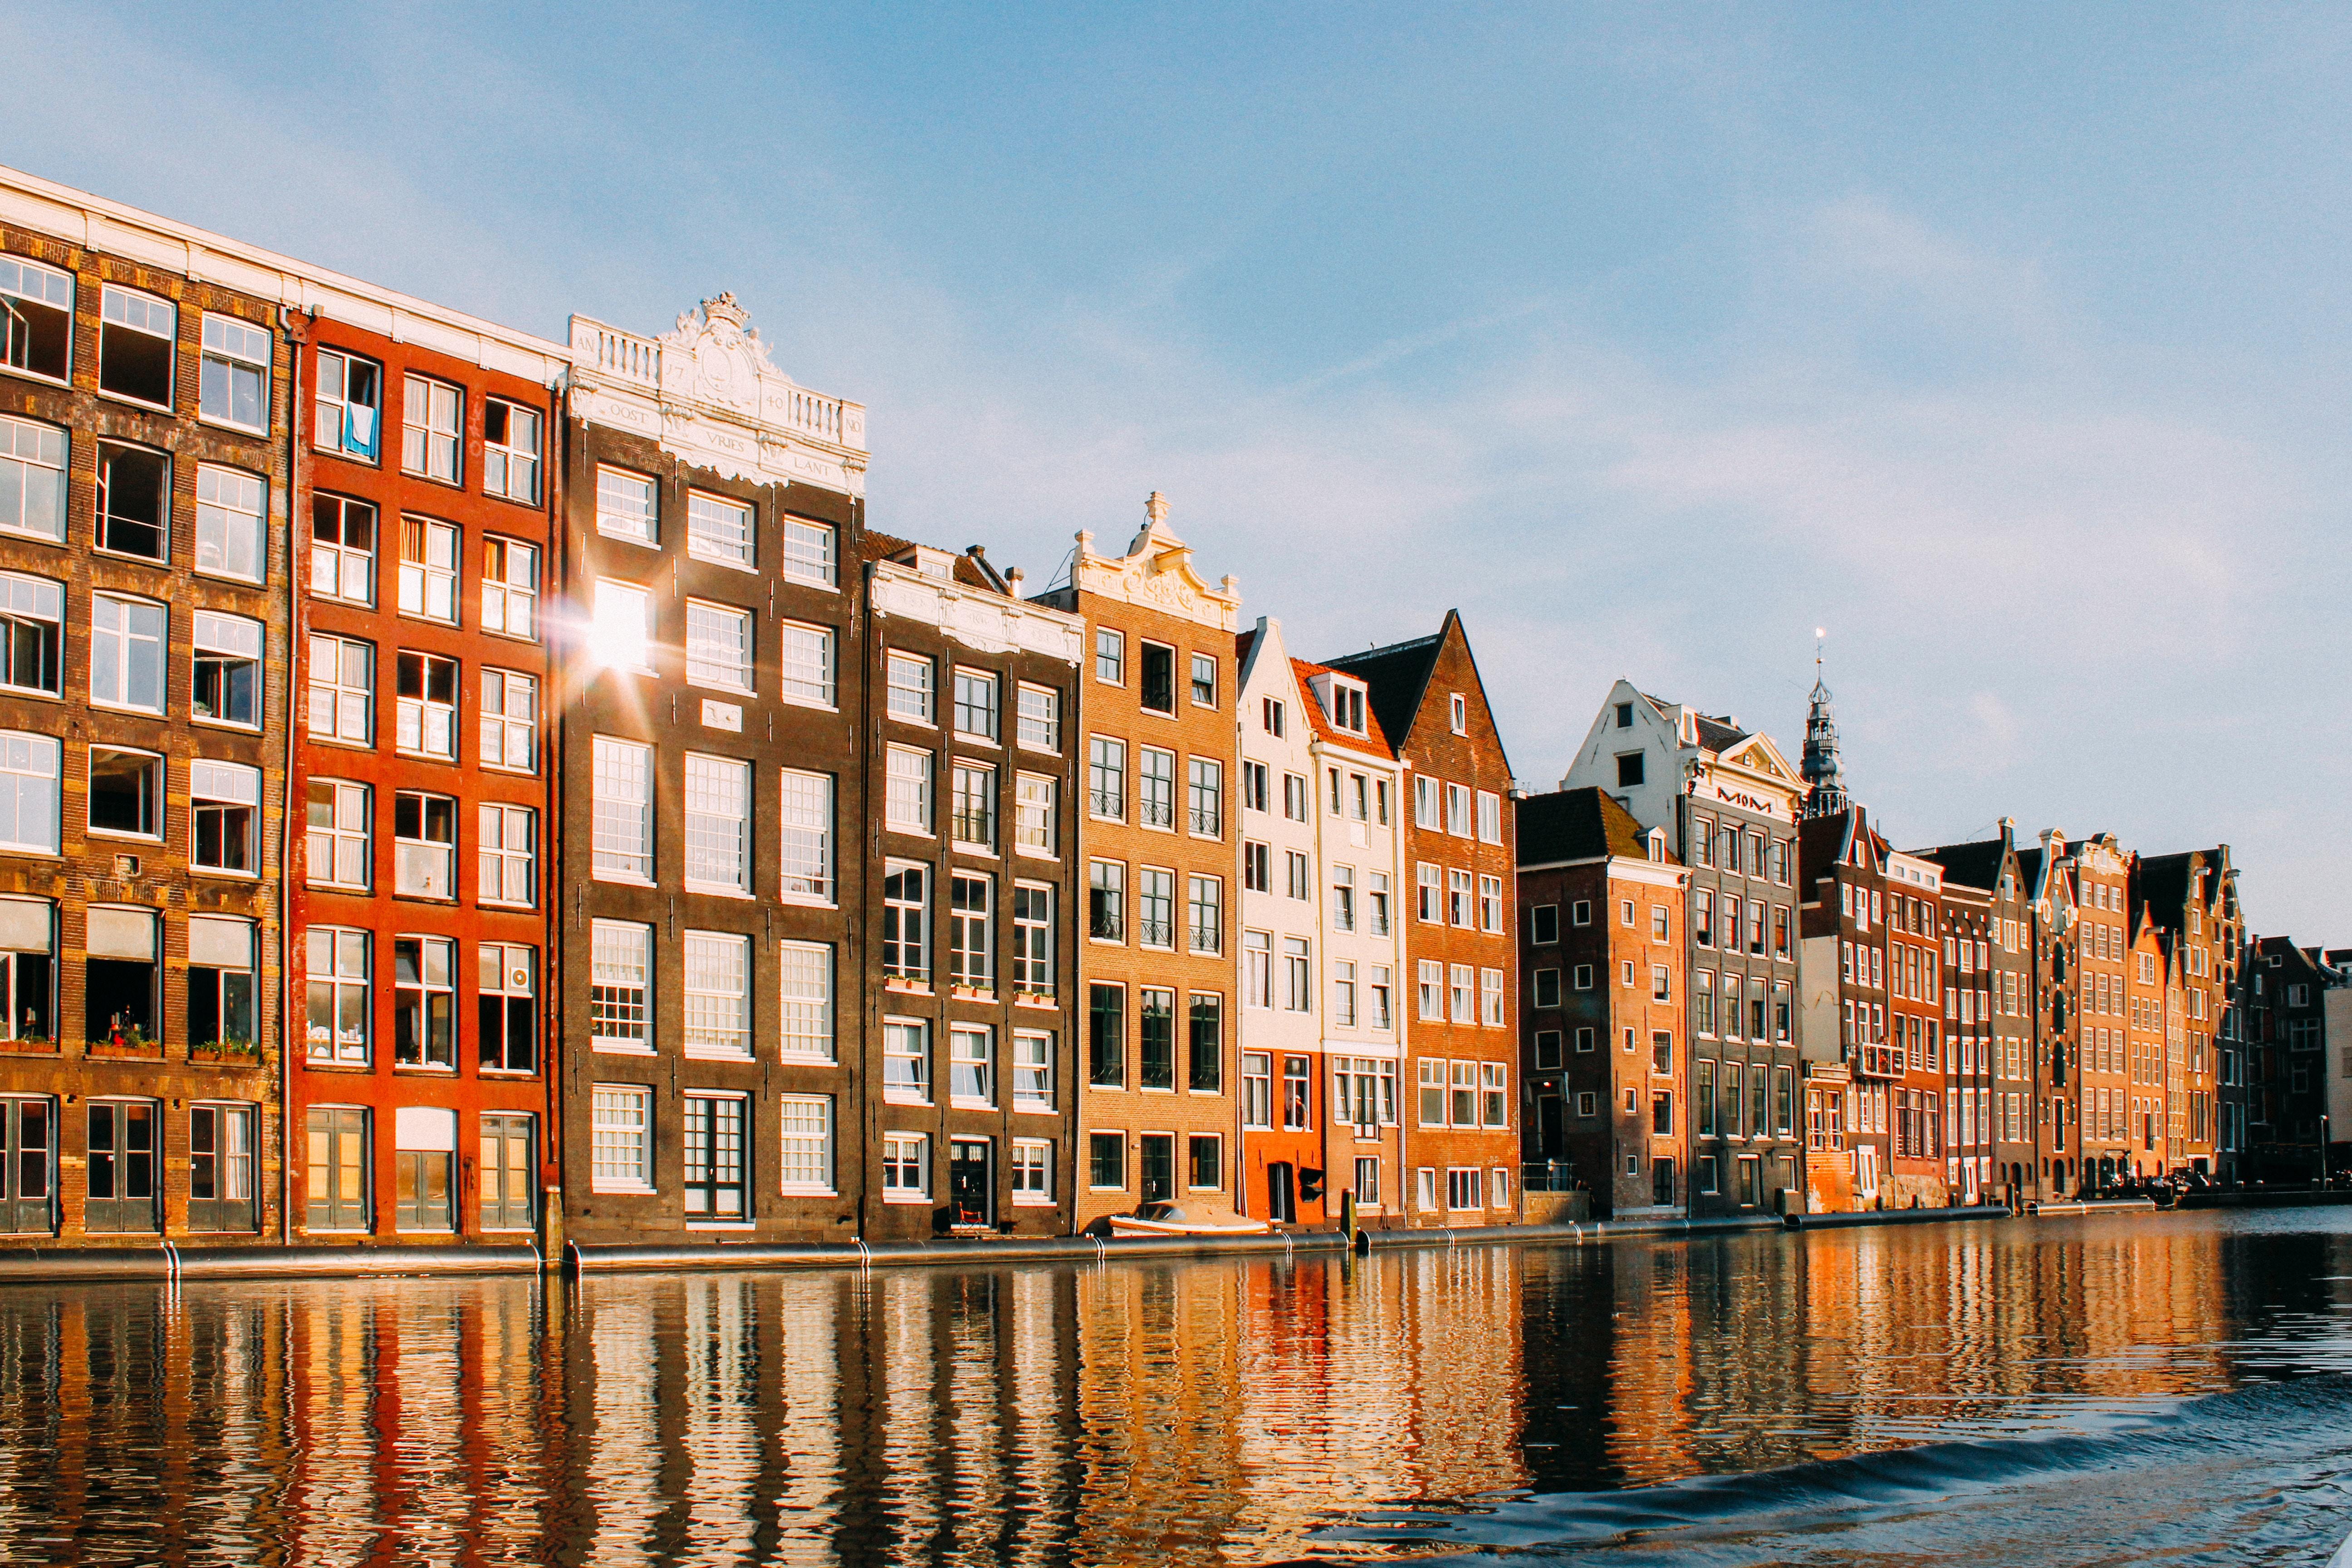 Ben je op zoek naar leuke stedentrips in het najaar in eigen land? Ga dan eens naar Amsterdam!